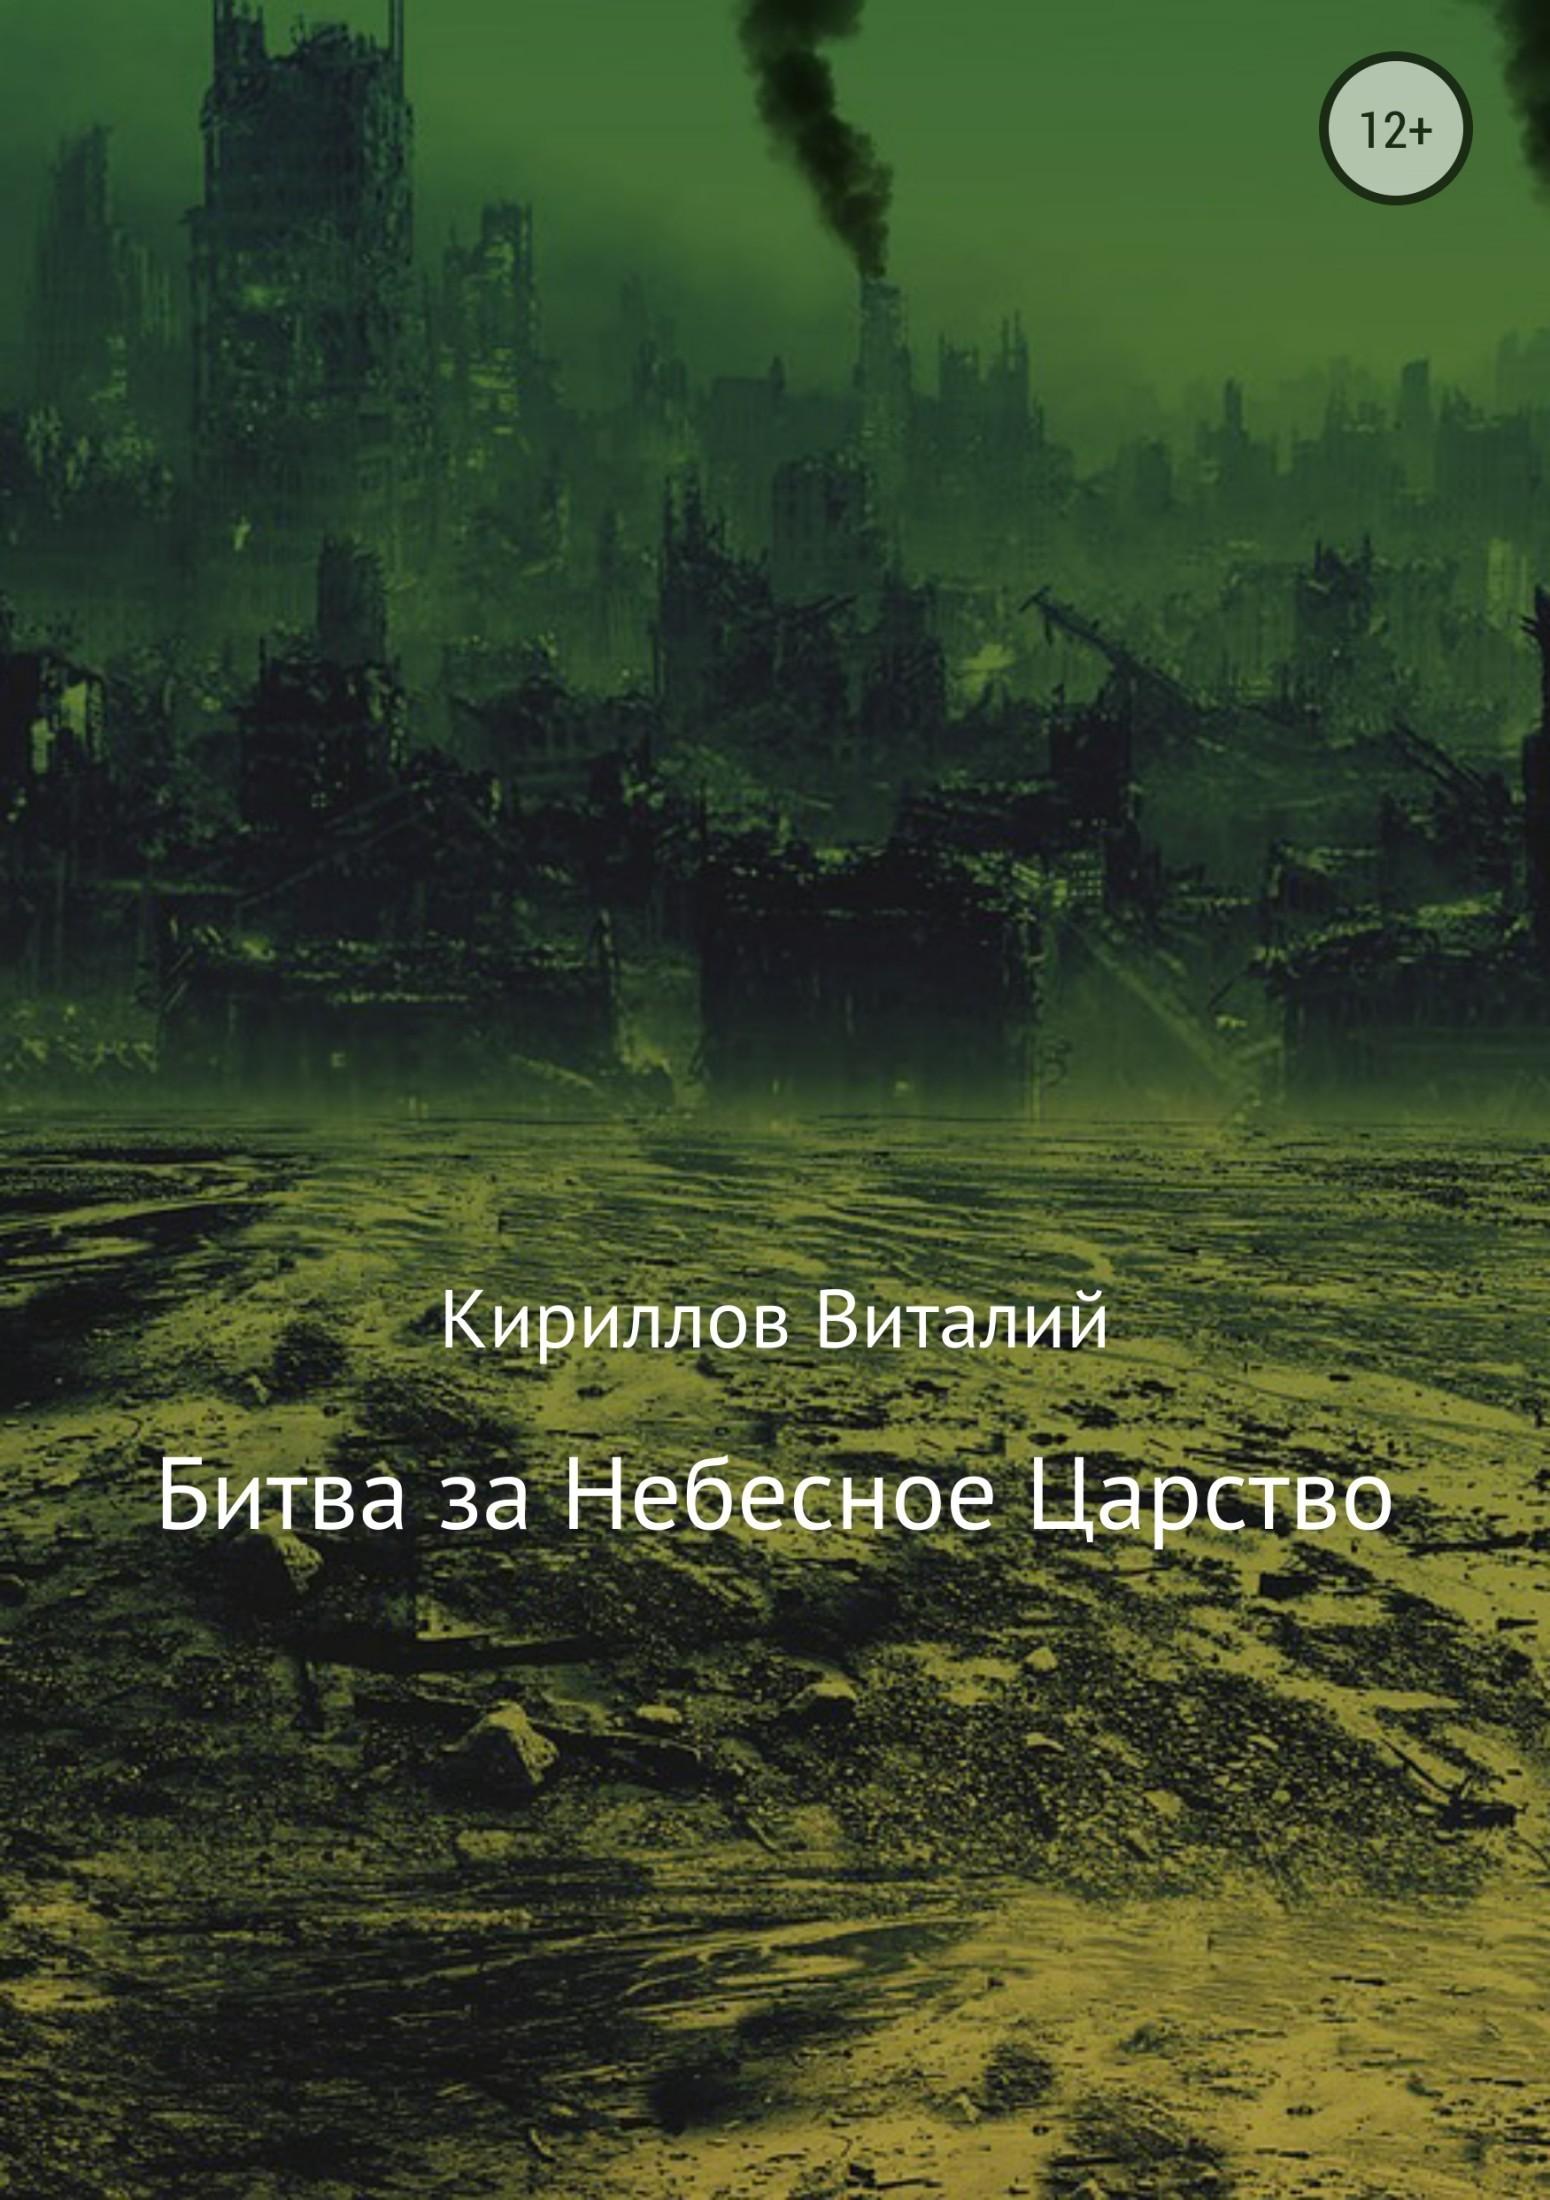 Виталий Кириллов - Битва за Небесное Царство